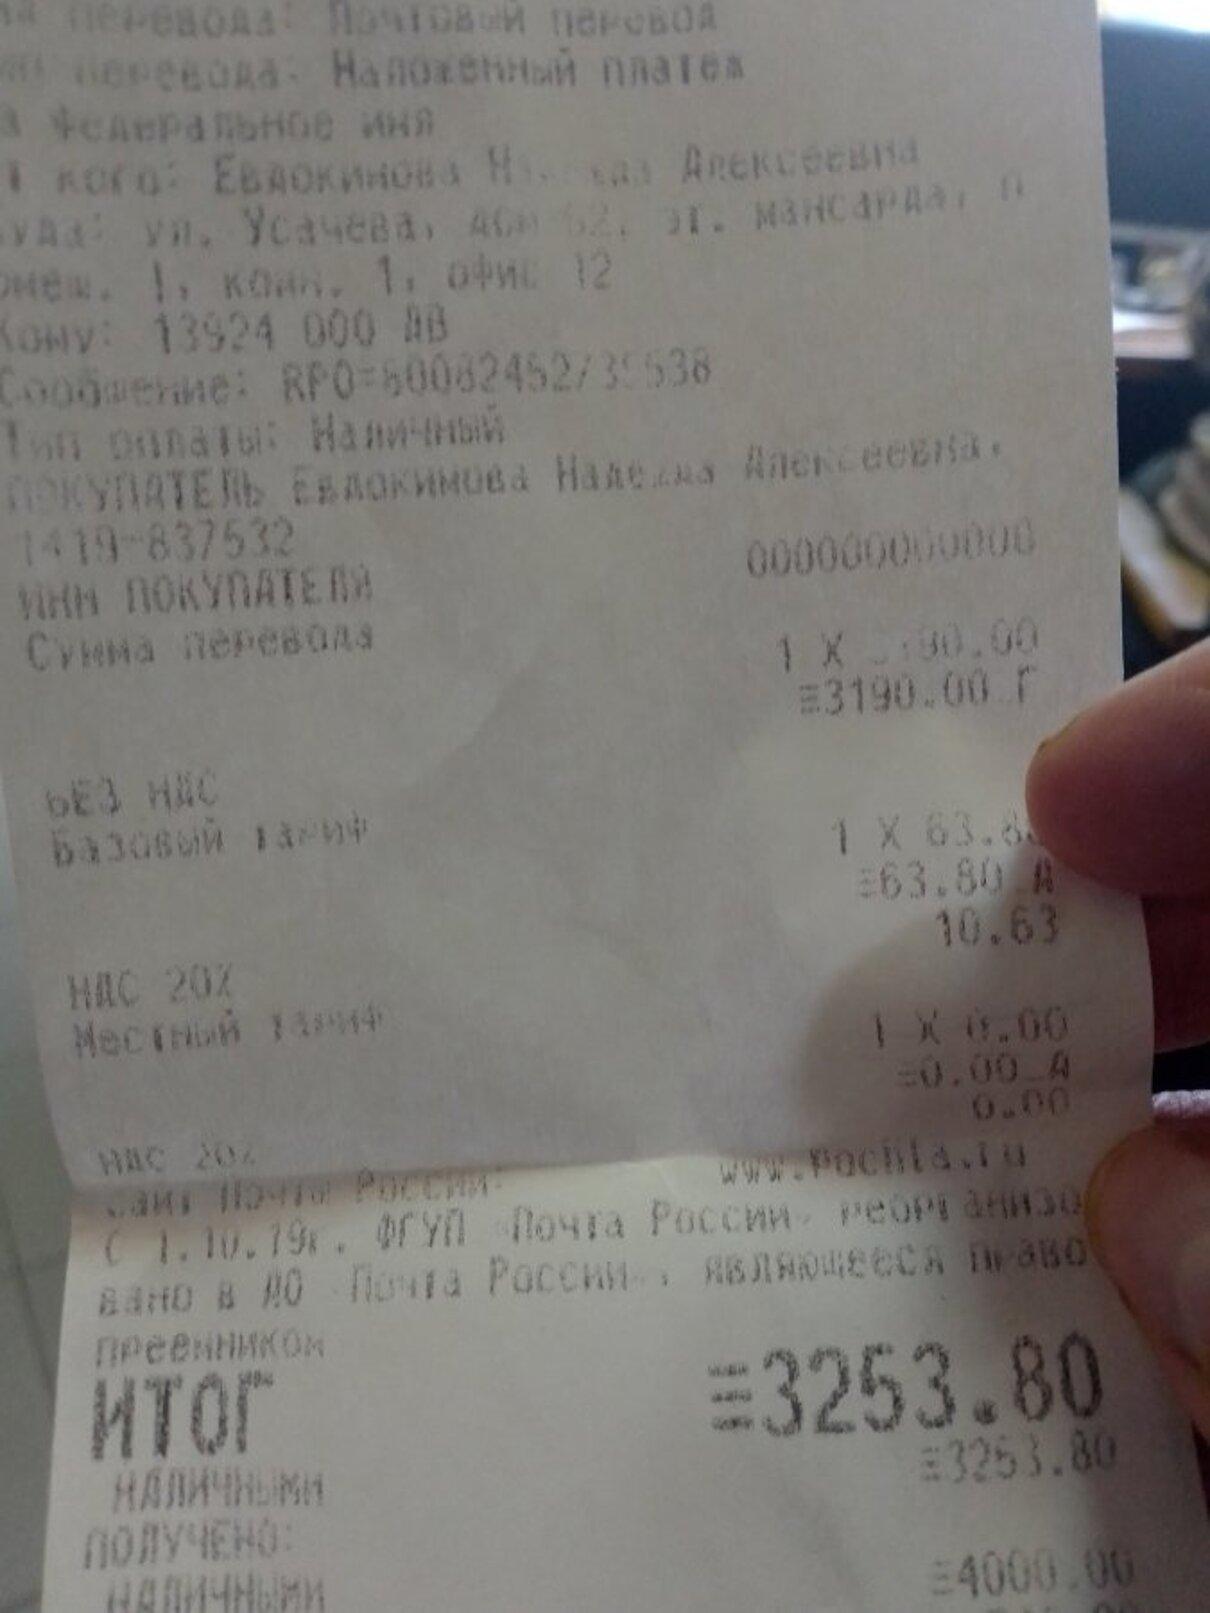 Жалоба-отзыв: Vopros-po-tova@mail.ru - Вернуть деньги за не верный заказ и размер.  Фото №2